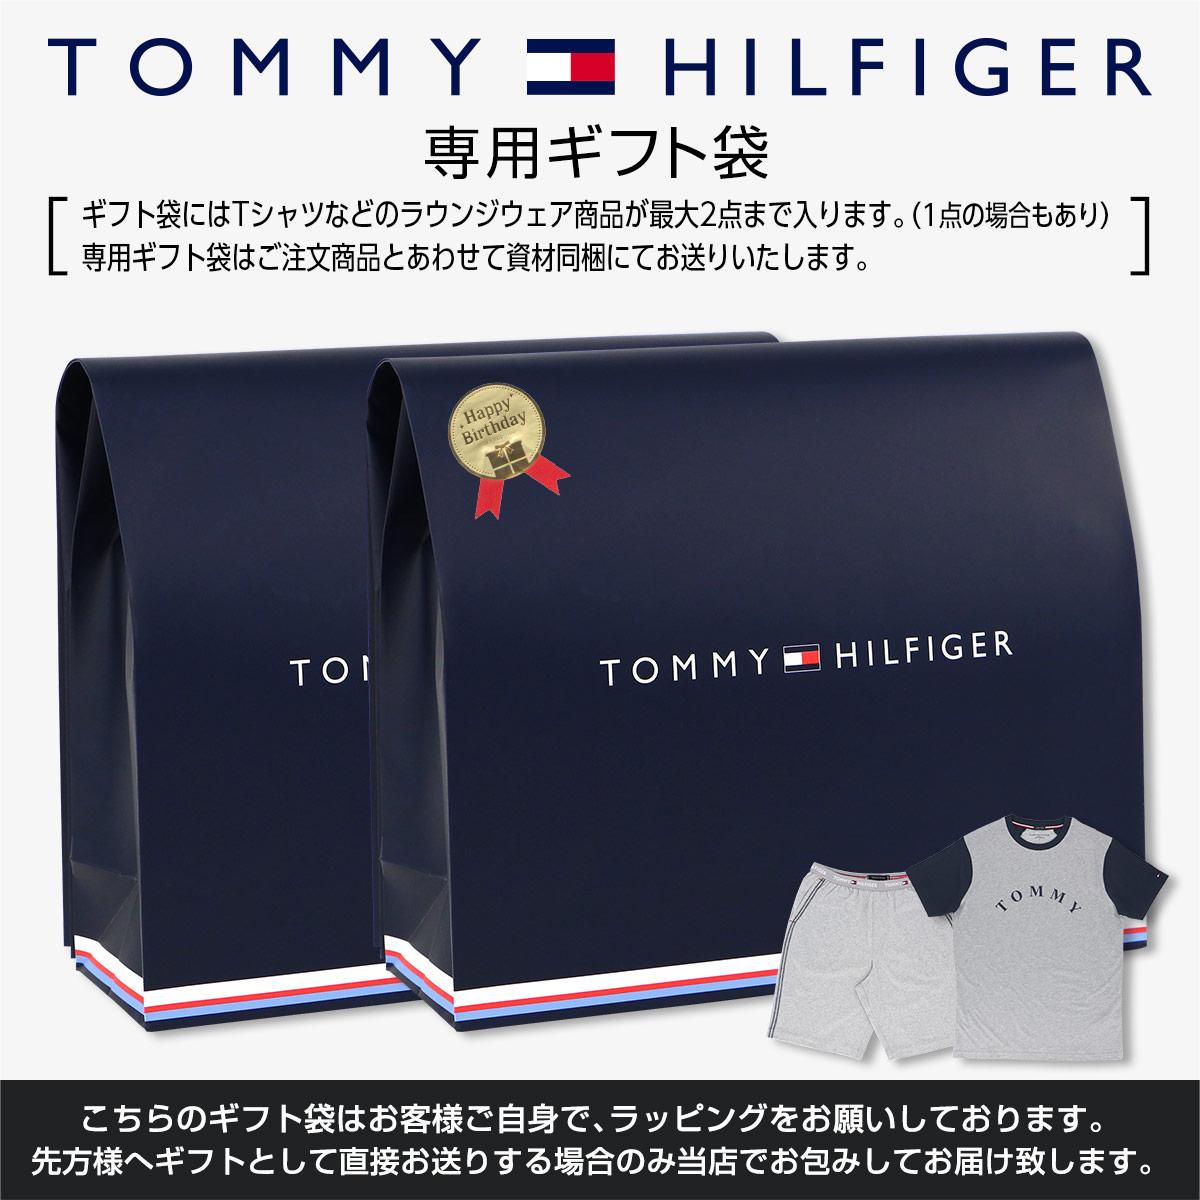 TOMMY HILFIGER トミーヒルフィガー SHORT LWK コットン スウェット ショートパンツ EUサイズ 53312257 男性 メンズ 紳士 プレゼント ギフト【ゆうパケット・1点まで】